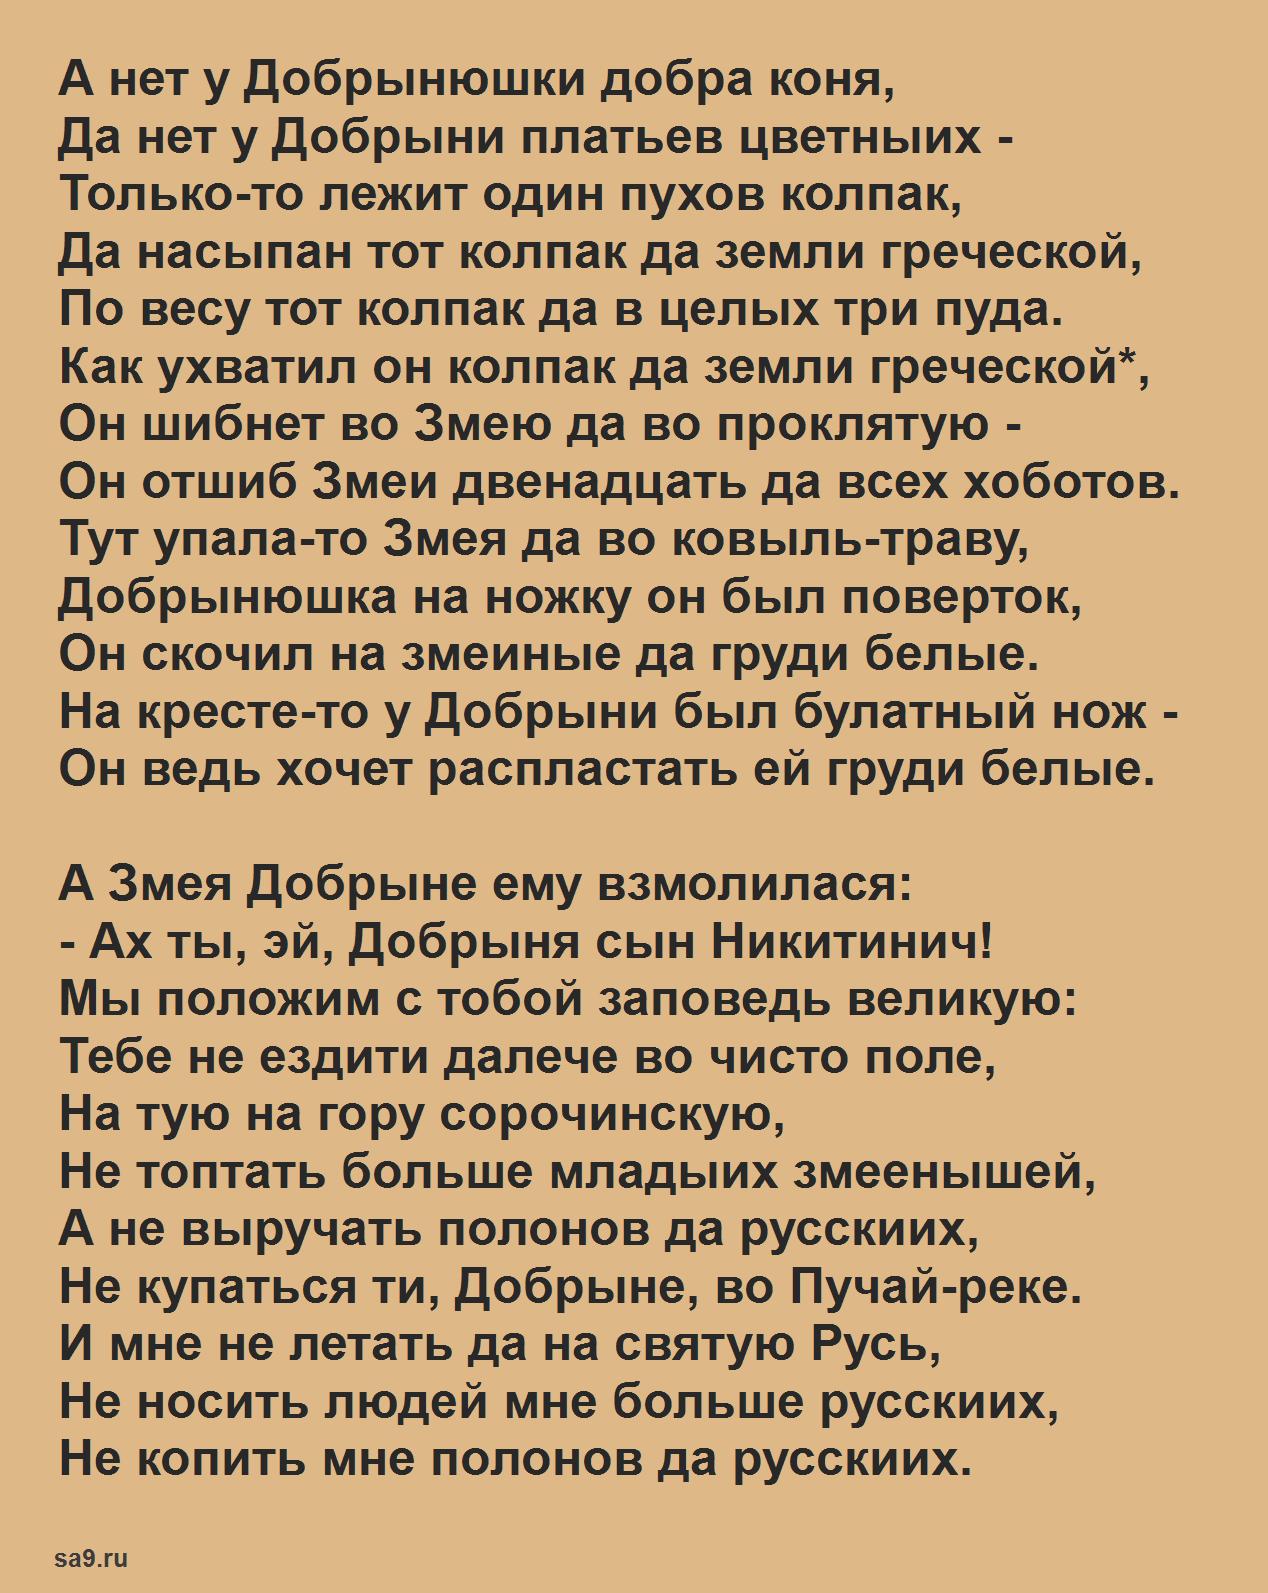 Читать былину - Добрыня Никитич и Змей Горыныч